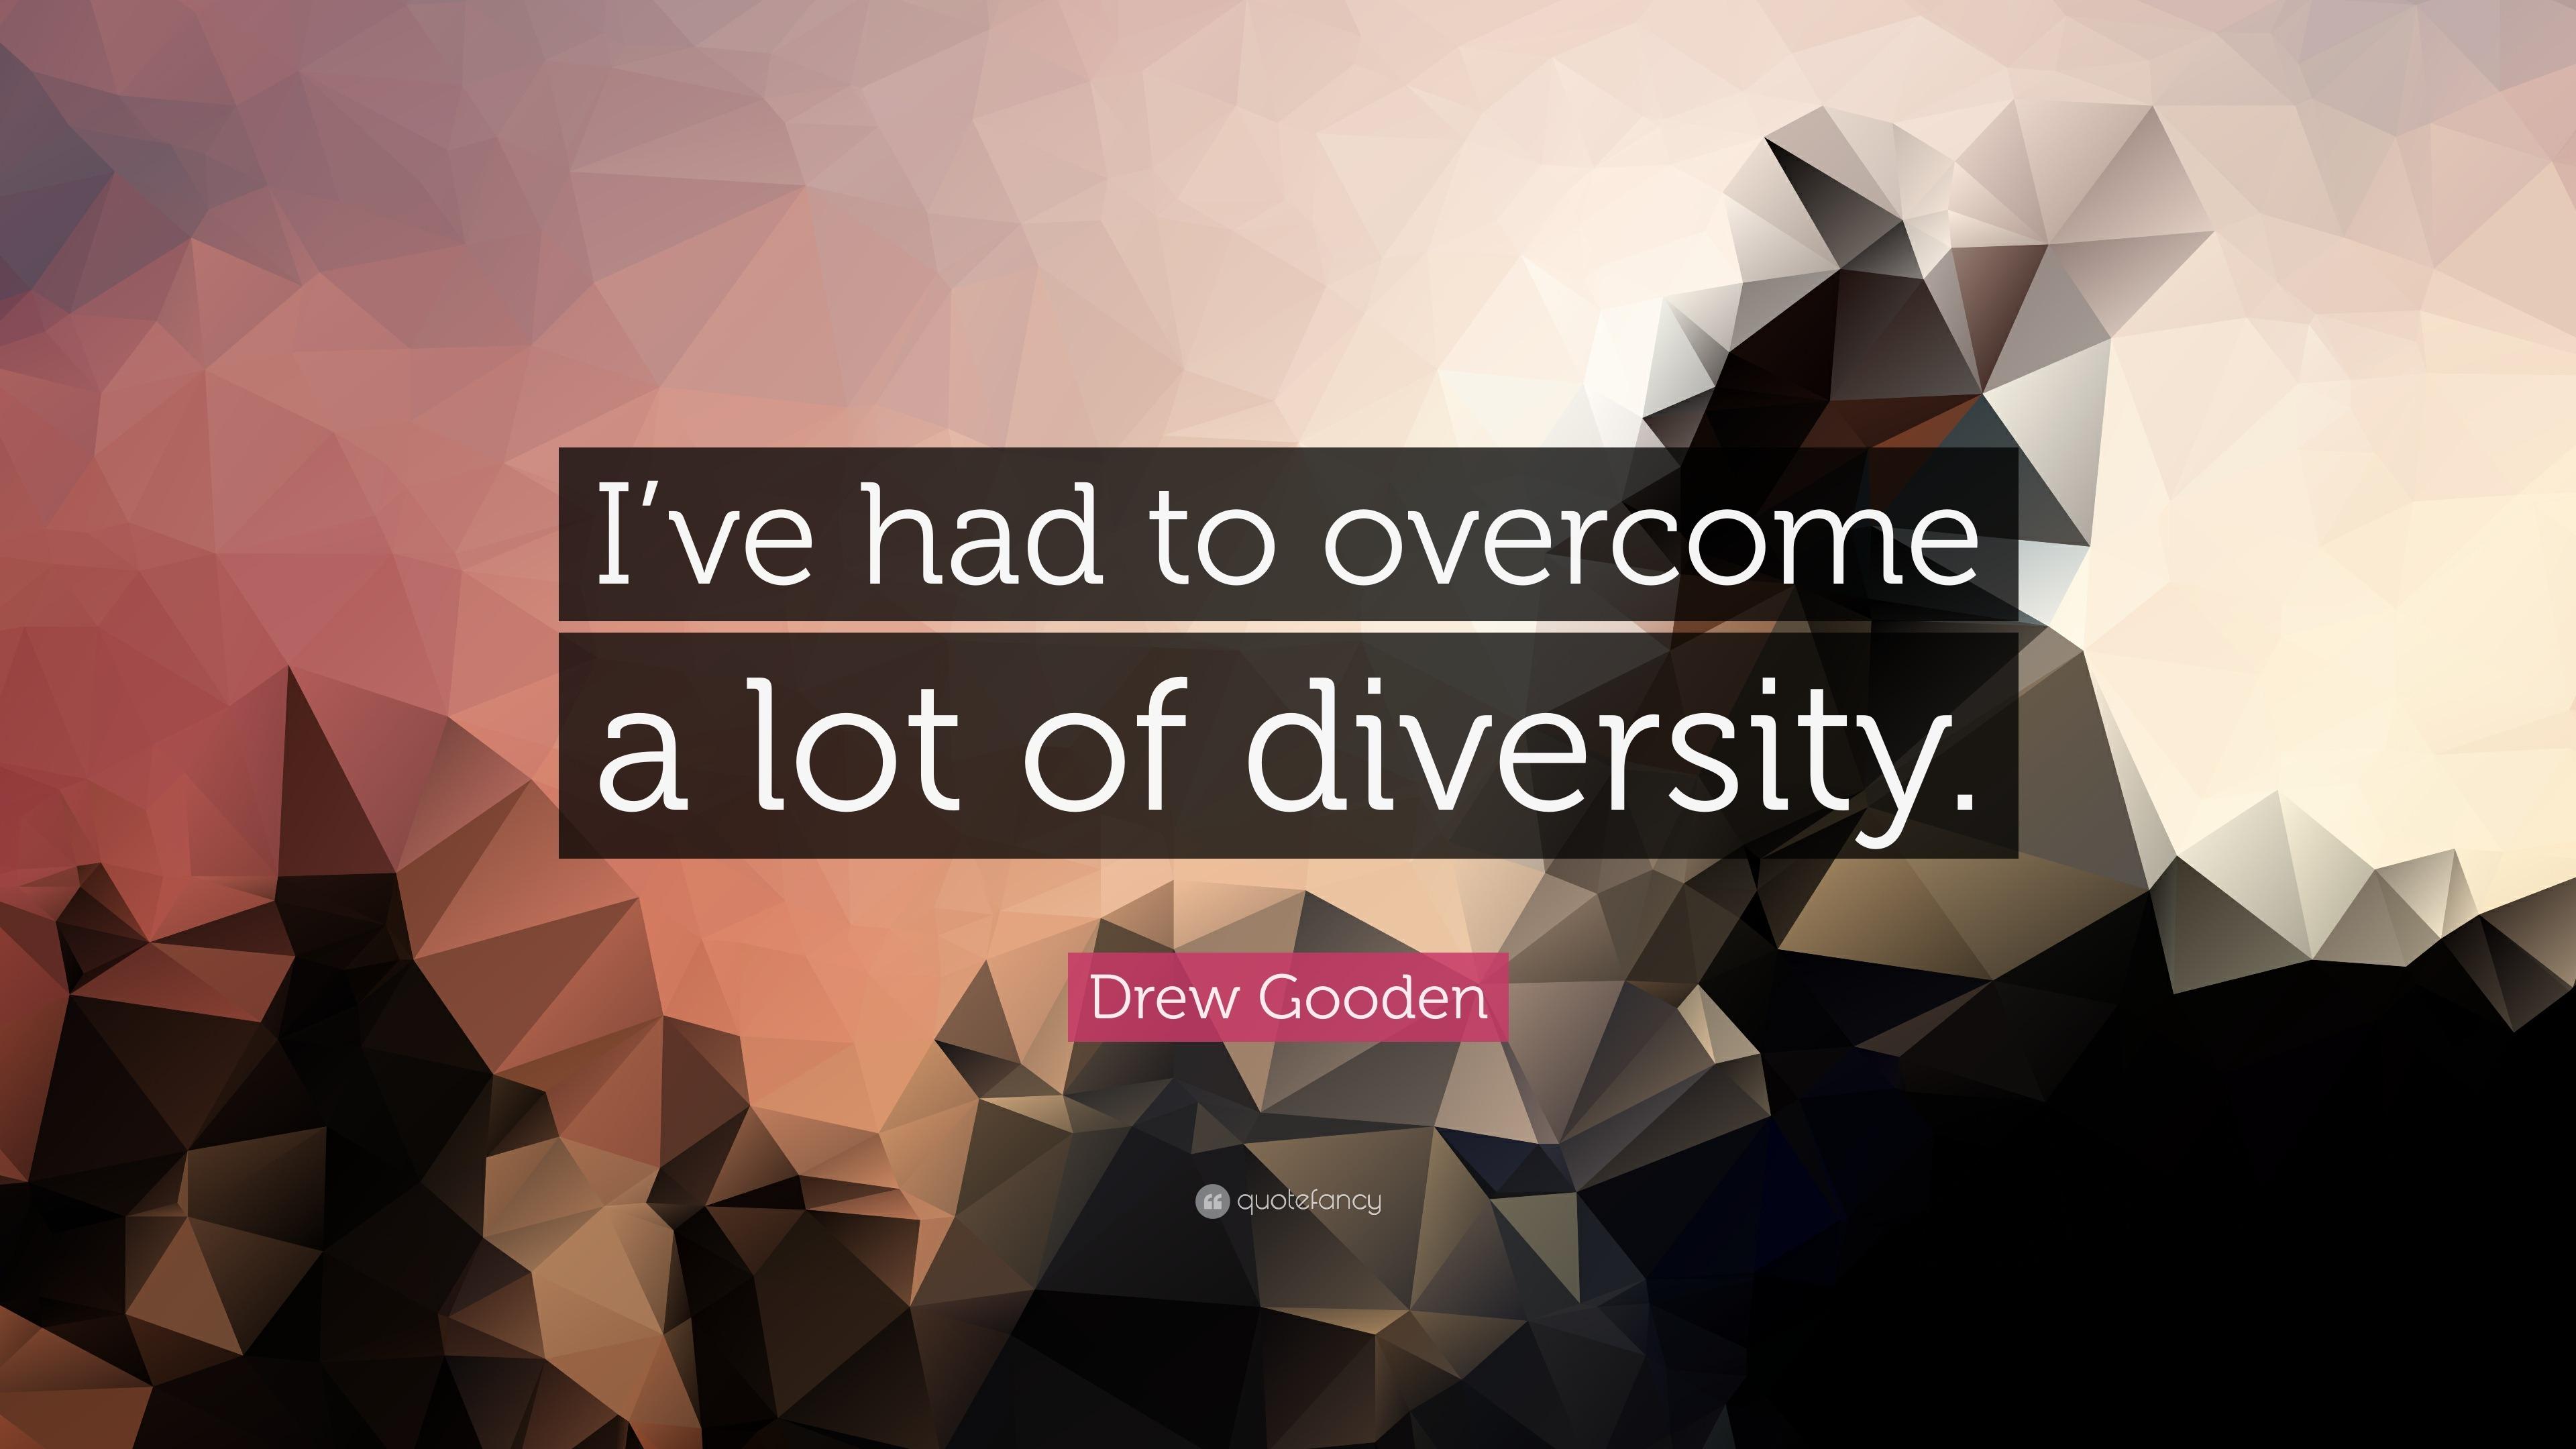 Drew Gooden Quotes 8 wallpapers Quotefancy